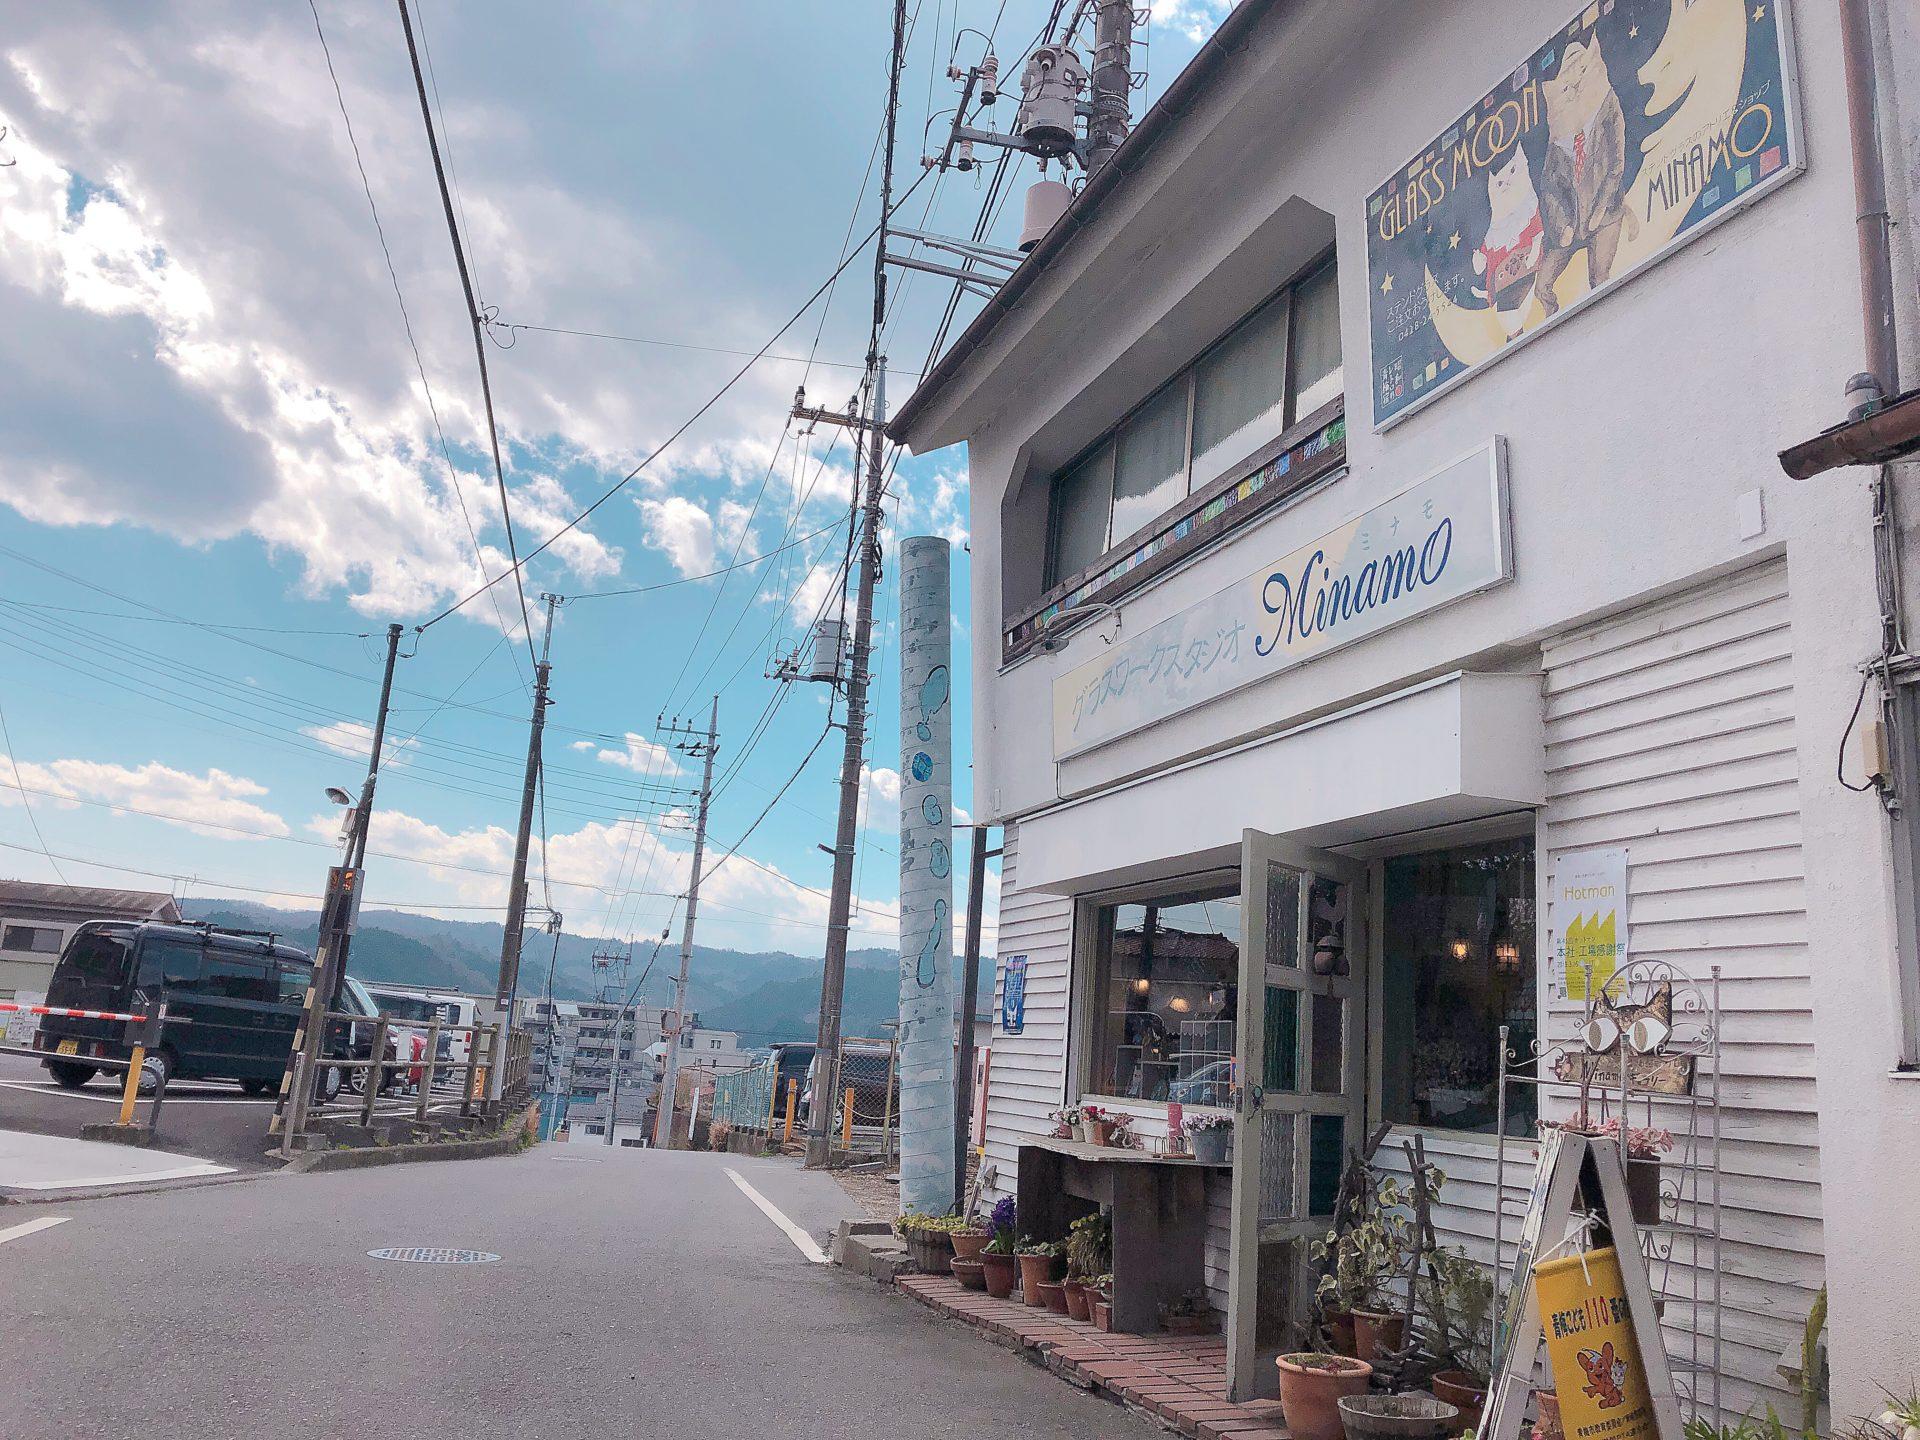 Minamo外観